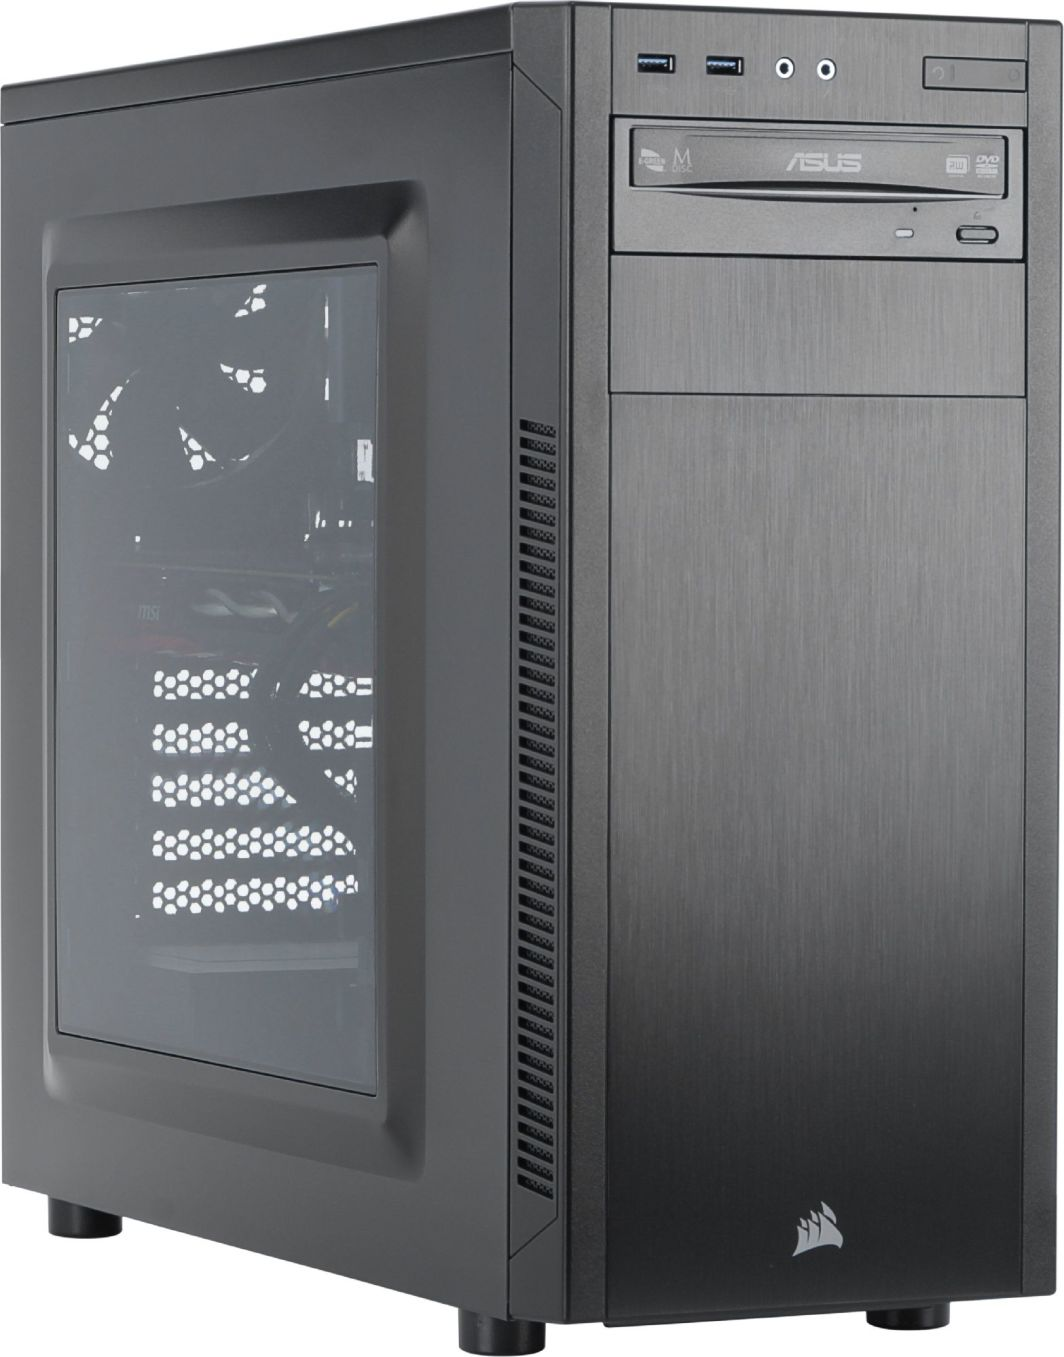 Komputer Elite Core i5-7500, 8 GB, GTX 1060, 128 GB SSD 1 TB HDD  1